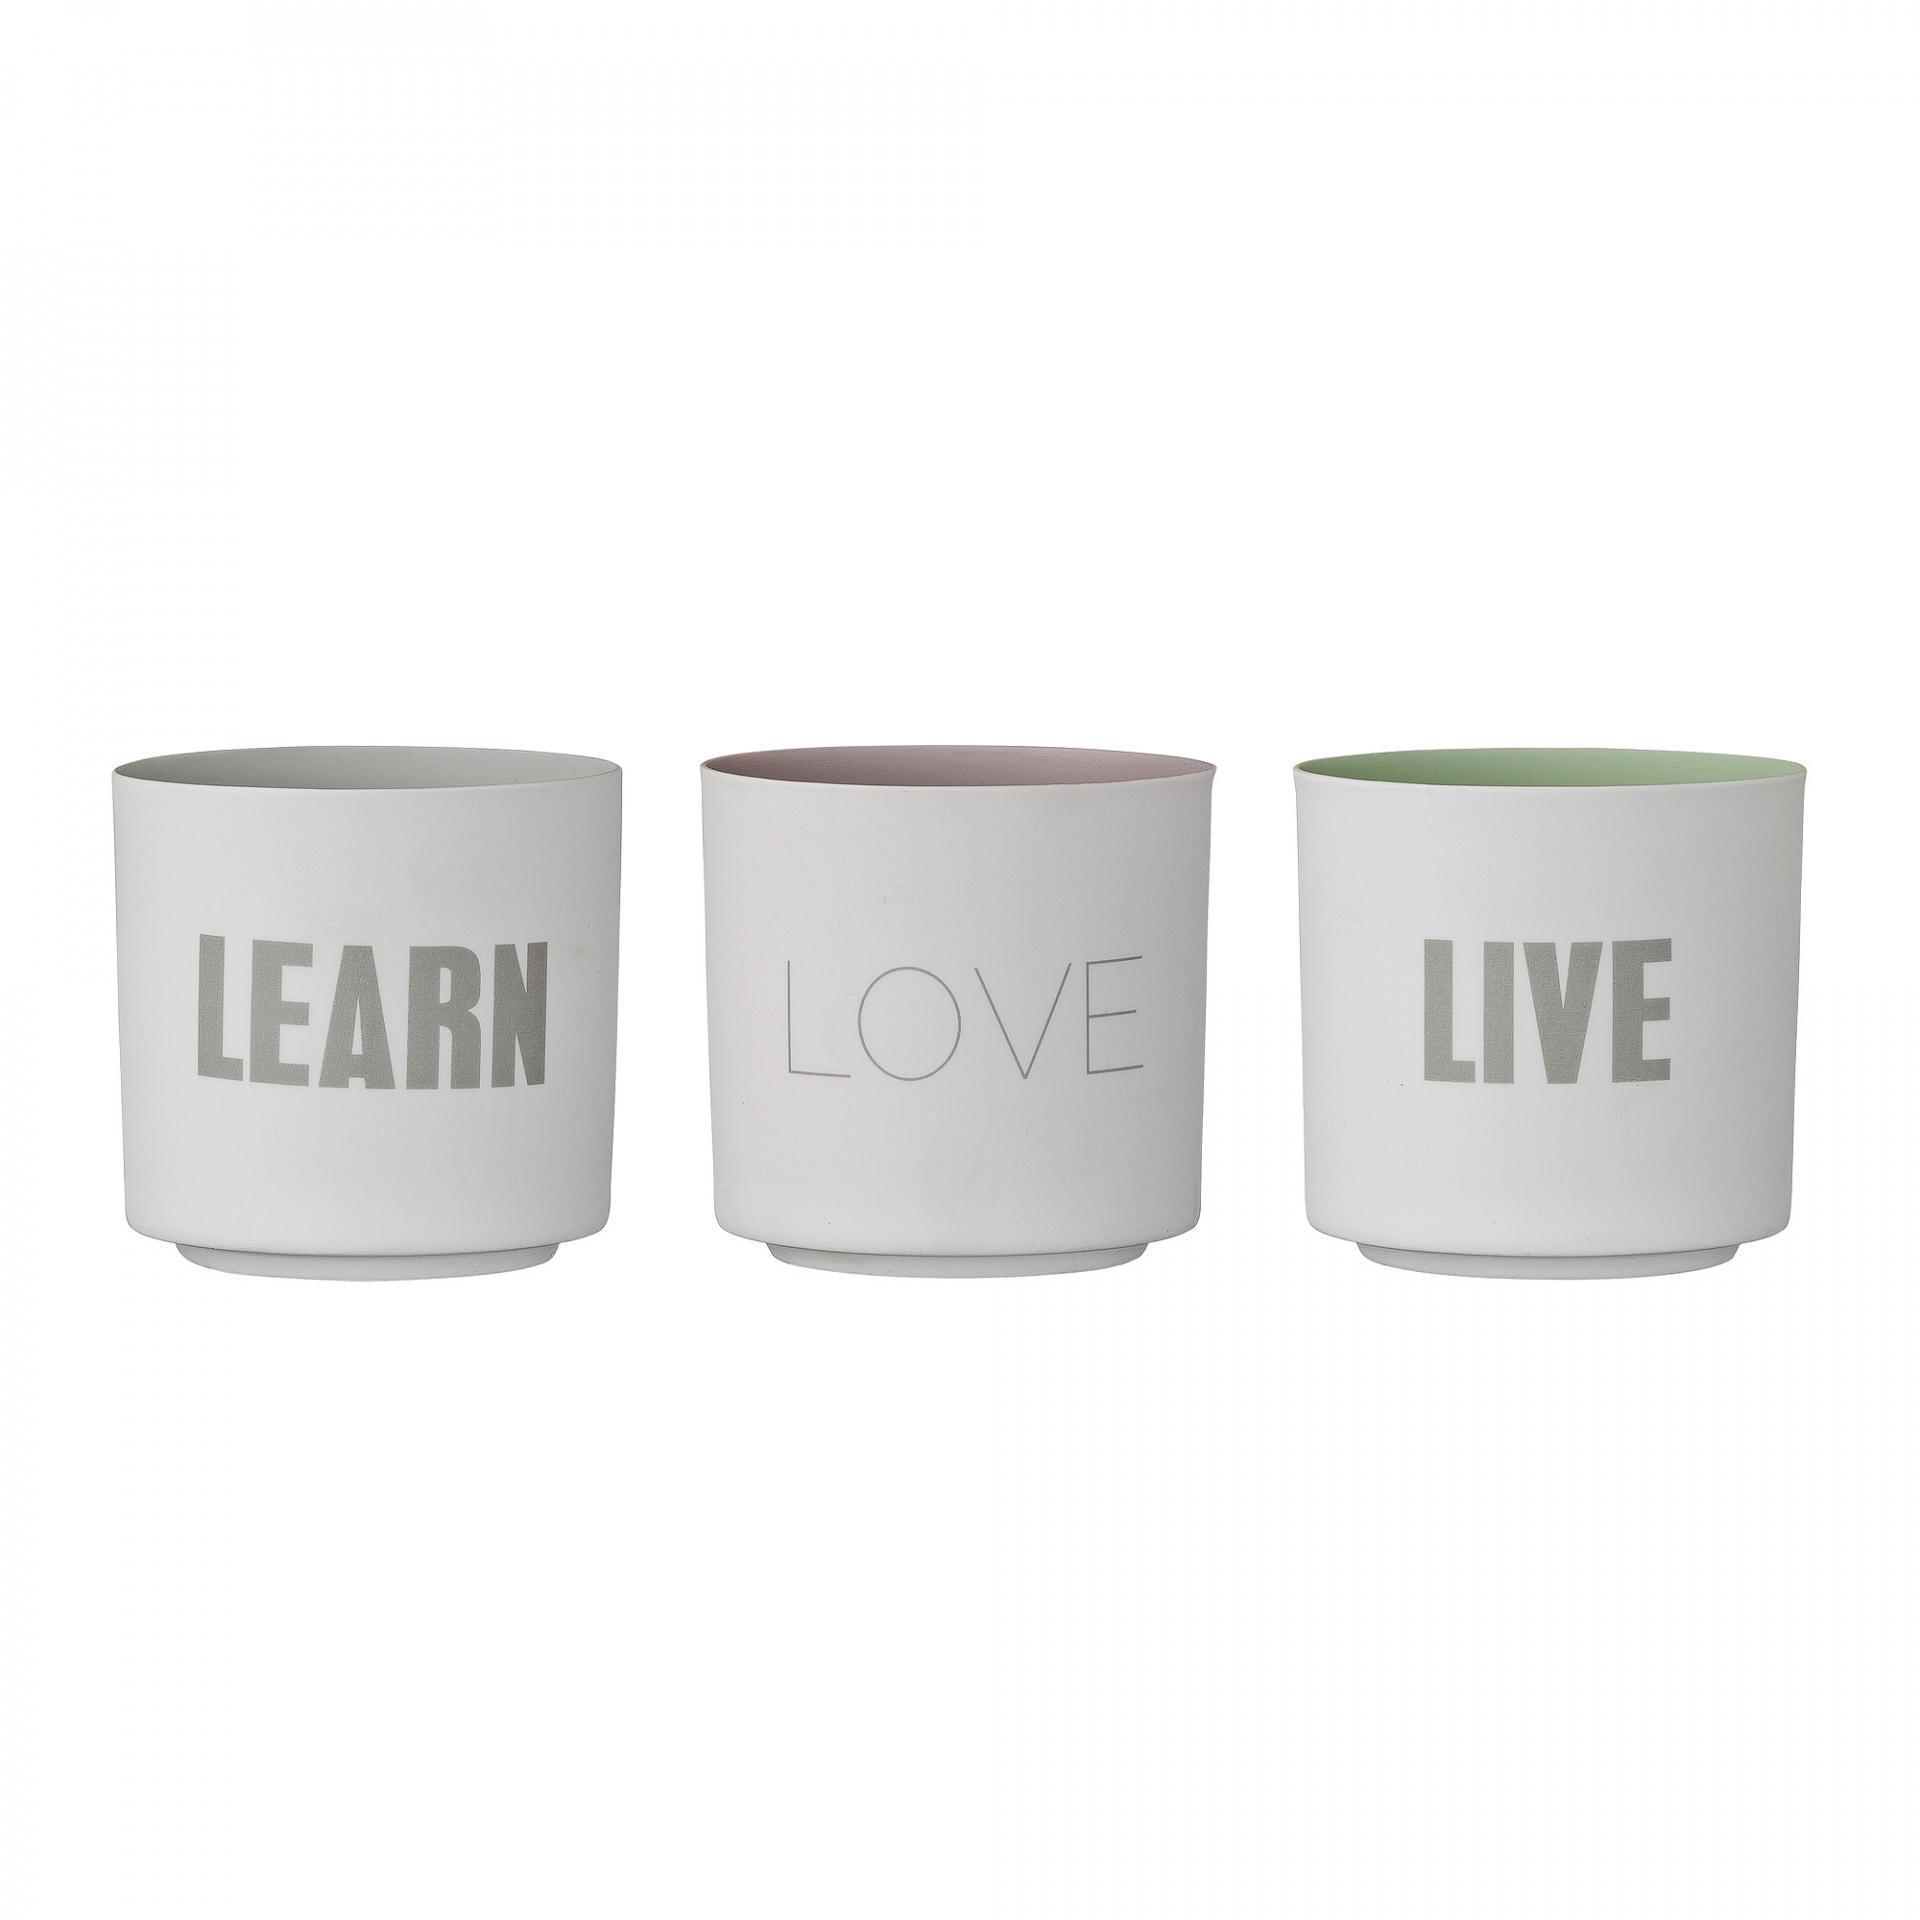 Bloomingville Porcelánový svícen Learn, Love, Live Live, fialová barva, šedá barva, bílá barva, porcelán